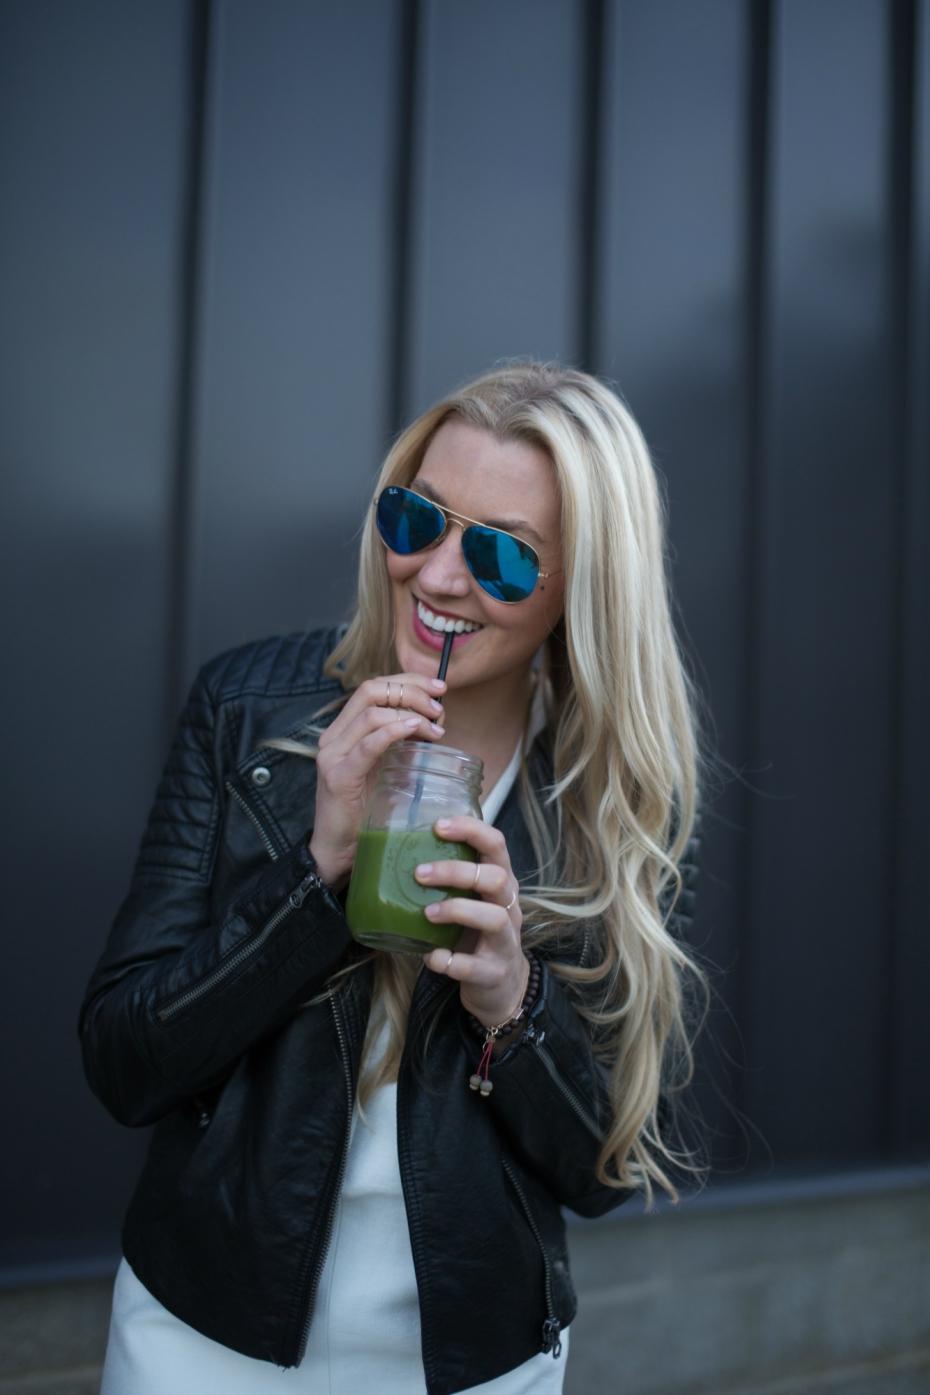 McKel Hill drinking smoothie